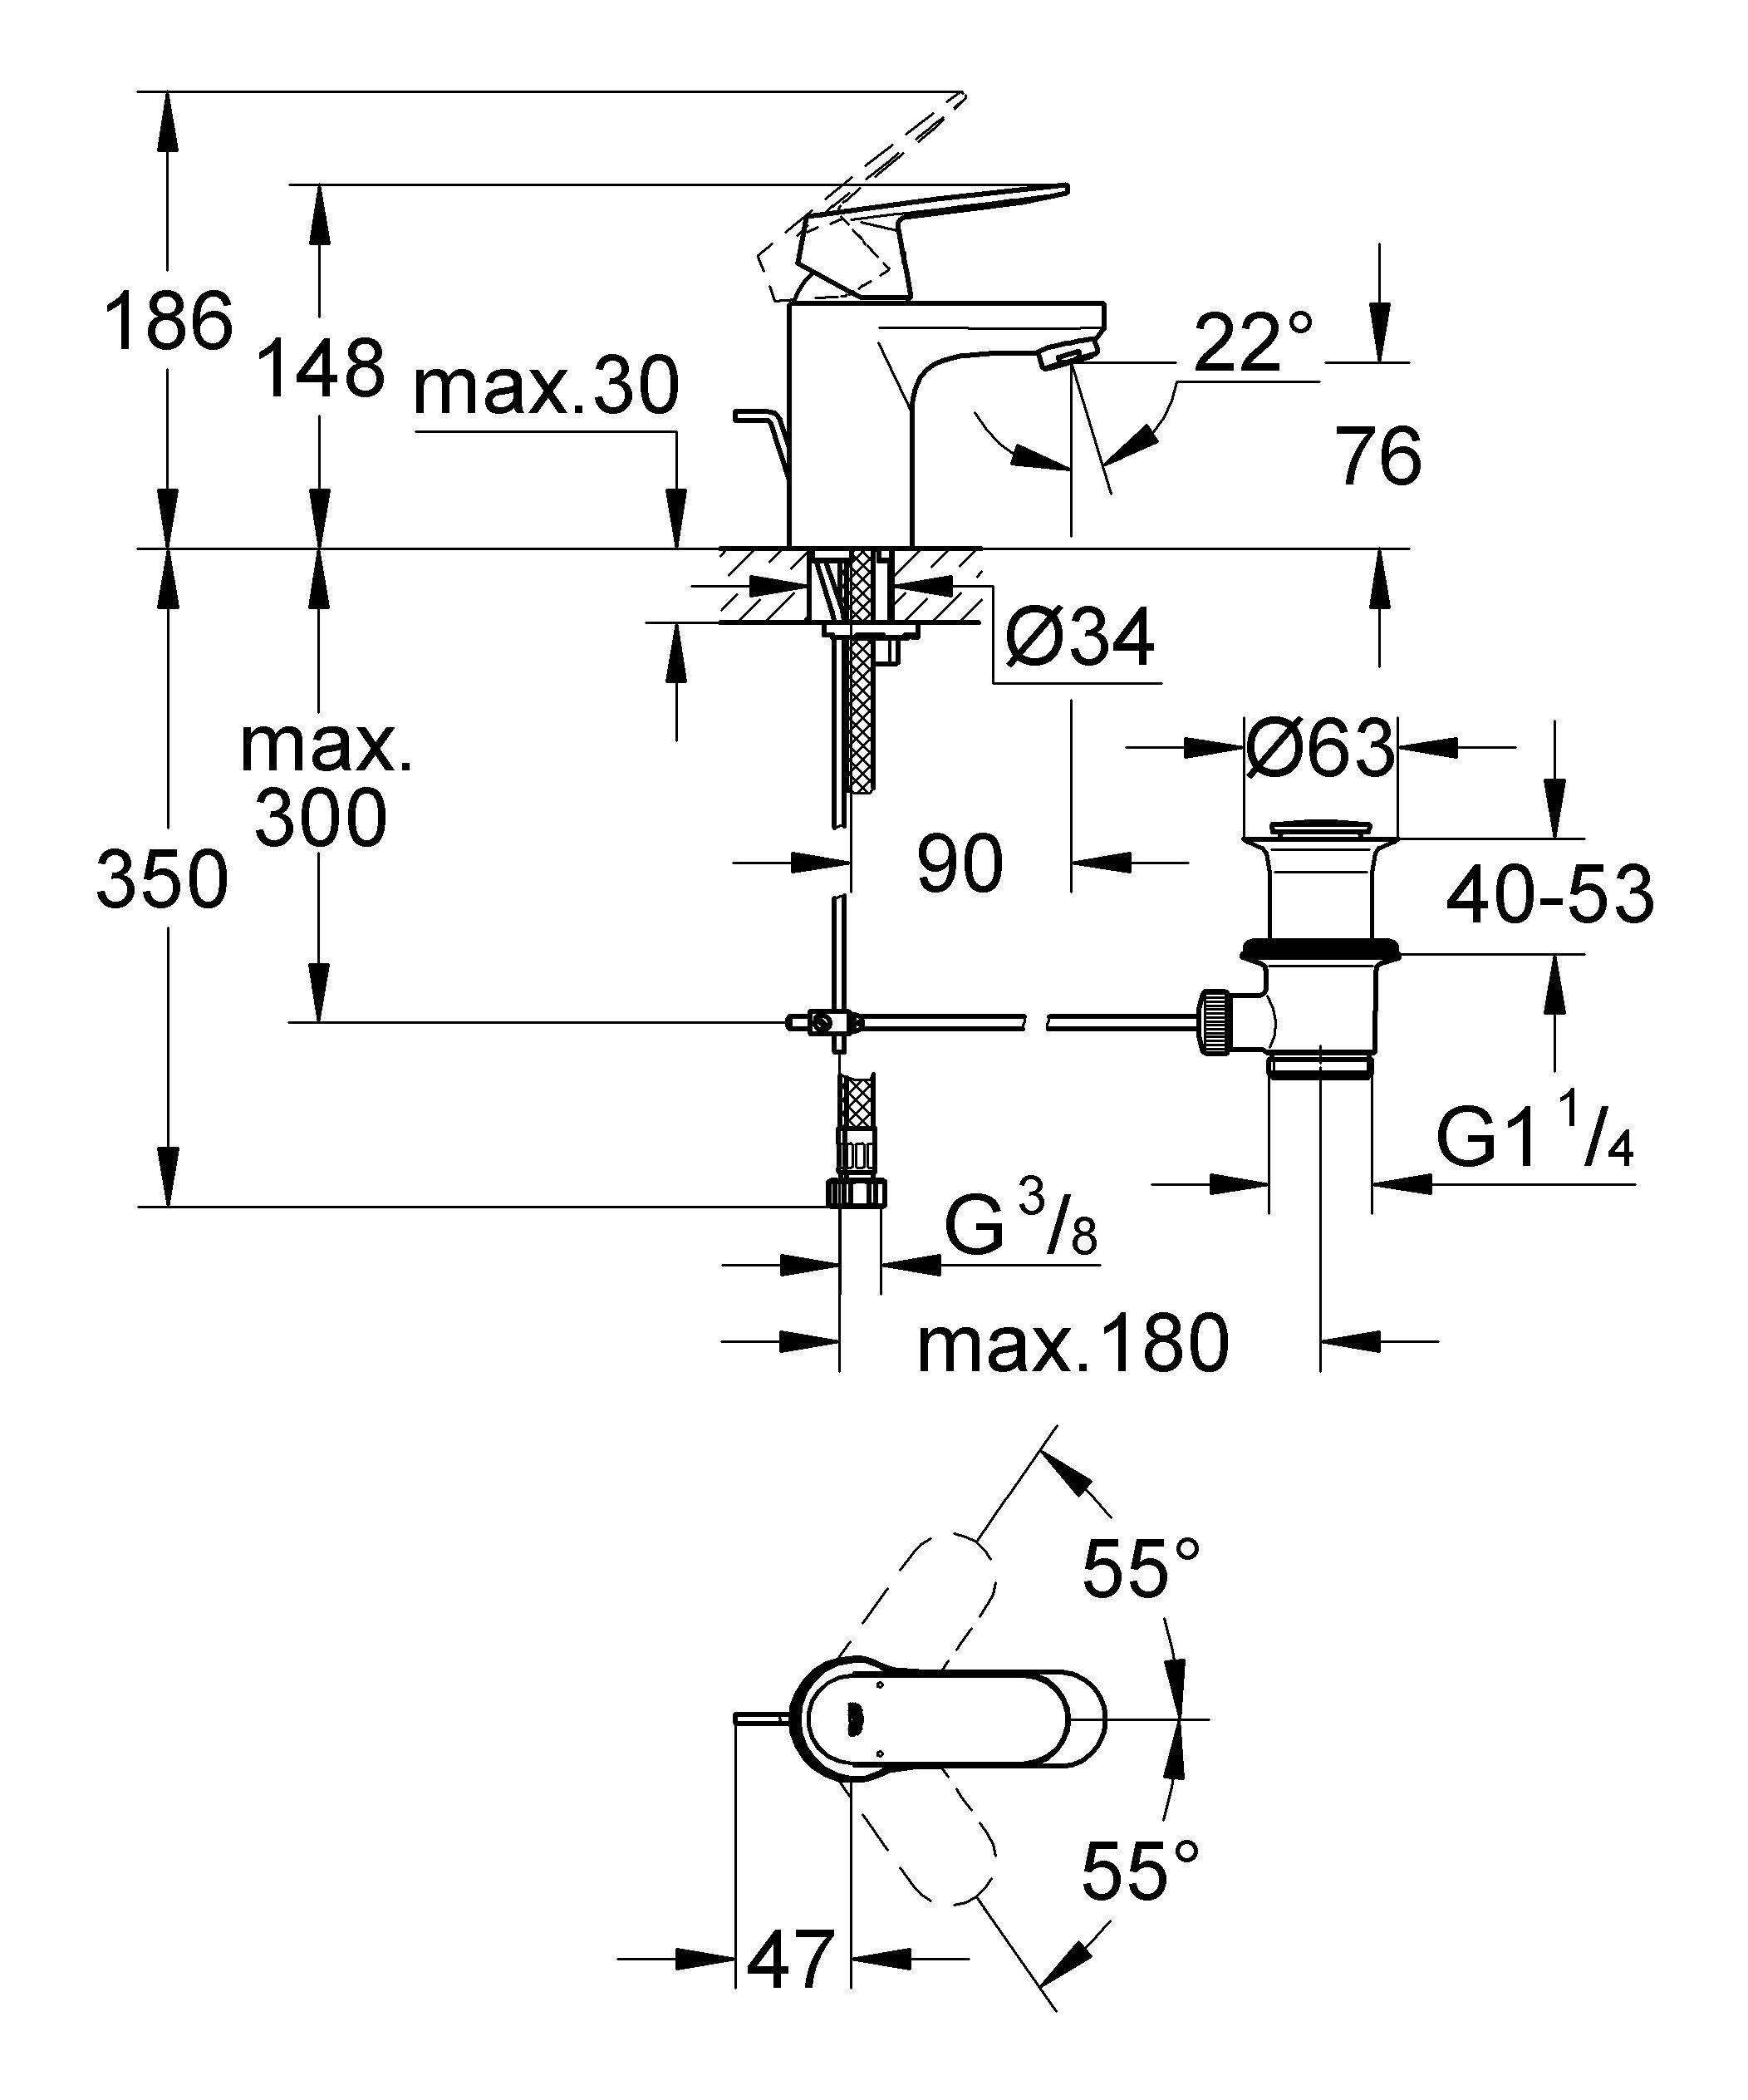 Долговечность и простота в уходе: смеситель для ванной комнаты Eurosmart Cosmopolitan совместим со всеми раковинами обычной конфигурации и идеально приспособлен для всех повседневных водных процедур. Применяемая в нем технология GROHE SilkMove обеспечит легкость управления температурой и напором воды, а об экономном расходе воды позаботится водосберегающий механизм. Особенности   монтаж на одно отверстие  металлический рычаг  GROHE EcoJoy Технология совершенного потока при уменьшенном расходе воды   GROHE SilkMove керамический картридж 35 мм  GROHE StarLight хромированная поверхность  регулировка расхода воды  возможность установки мин. расхода 2,5 л/мин  GROHE EcoJoy SpeedClean аэратор с ограничением расхода воды 5,7 л/мин  сливной гарнитур 1 1/4?  гибкая подводка  GROHE QuickFixTM быстрая монтажная система  ограничитель температуры  класс шума I по DIN 4109   Видео по установке является исключительно информационным. Установка должна проводиться профессионалами!